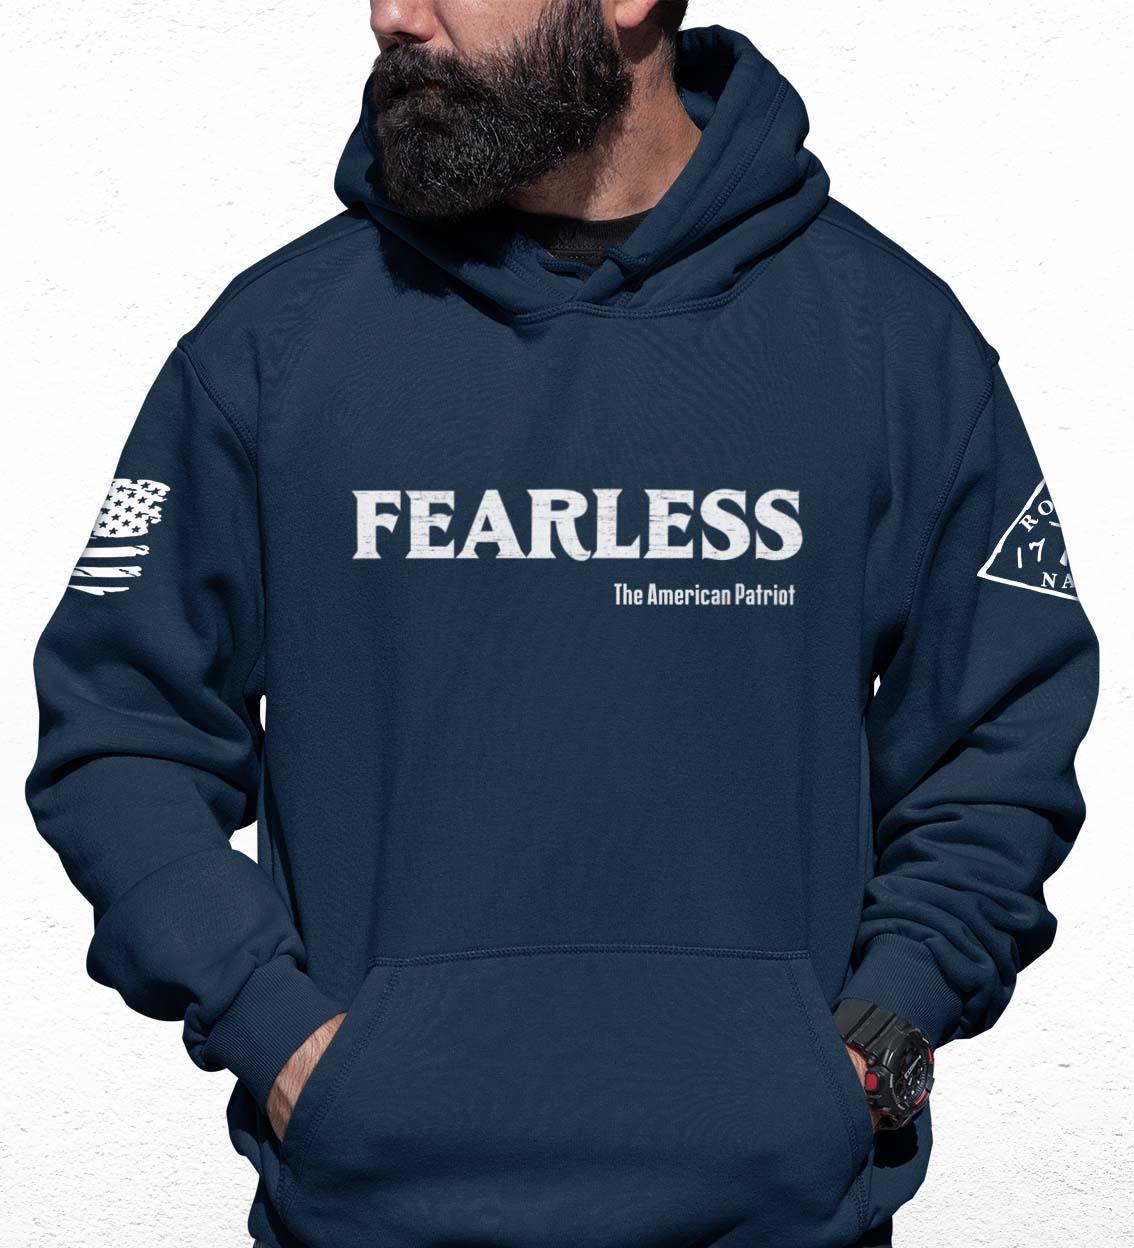 Fearless Patriot on Men's Navy Blue Hoodie